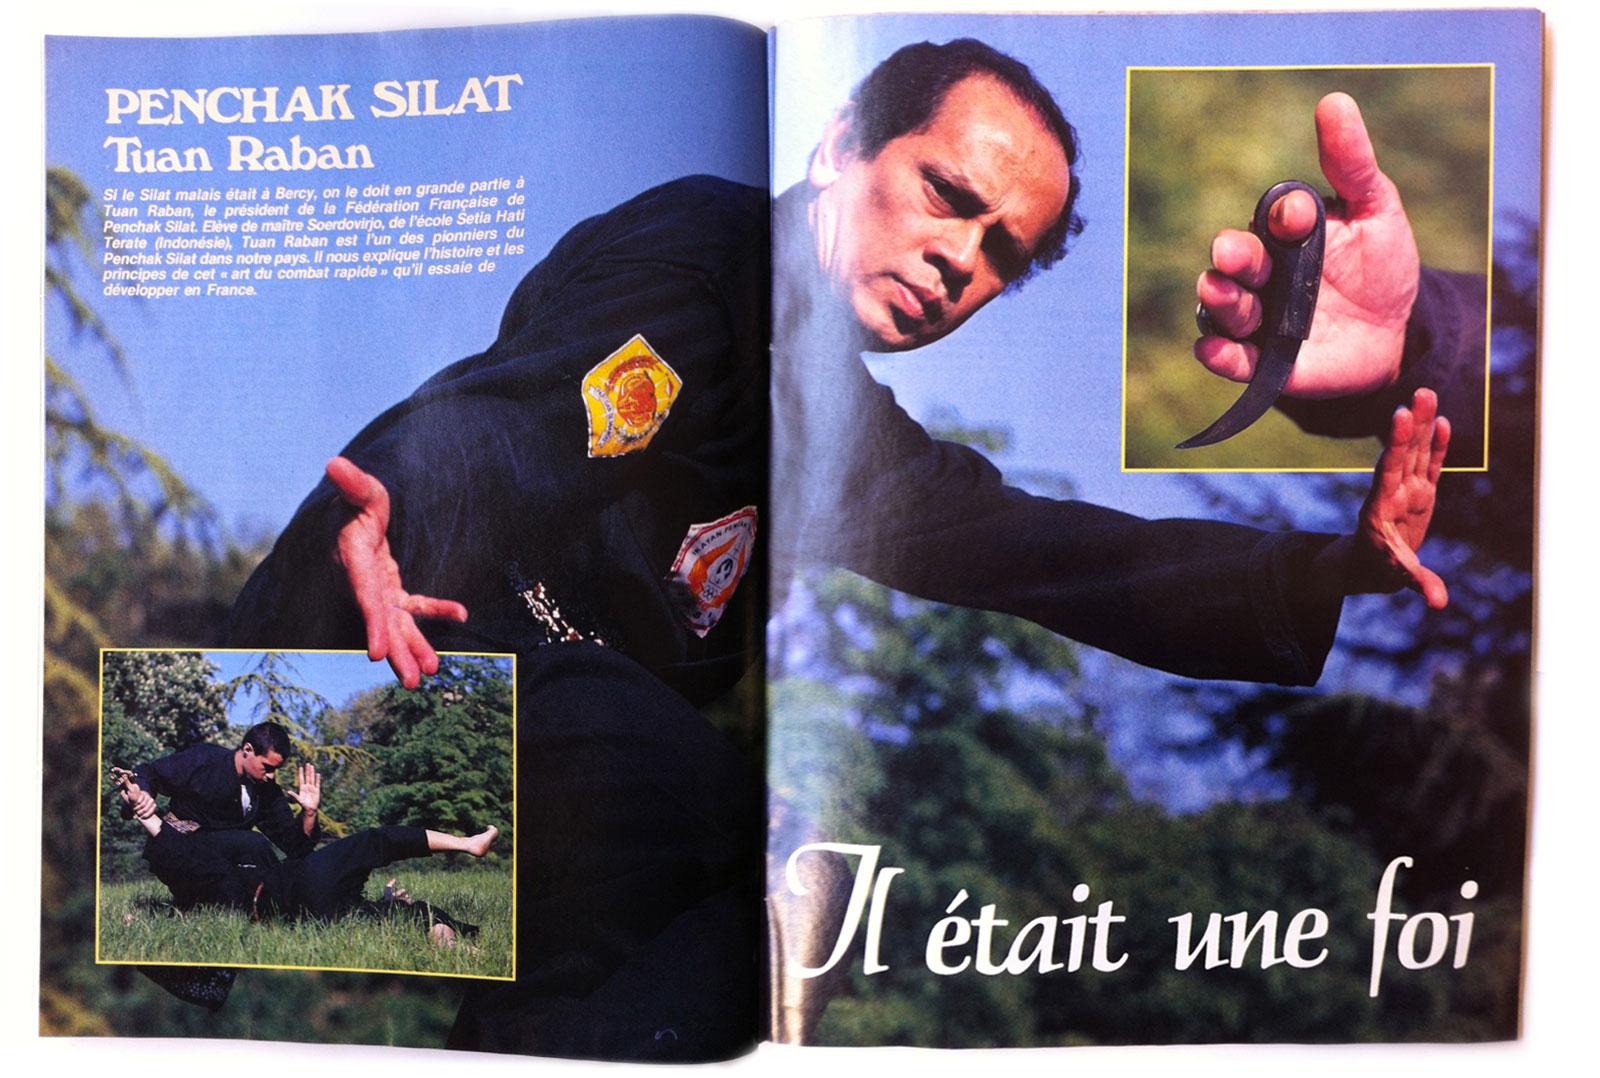 Penchak Silat - L Silat de Tuan Raban